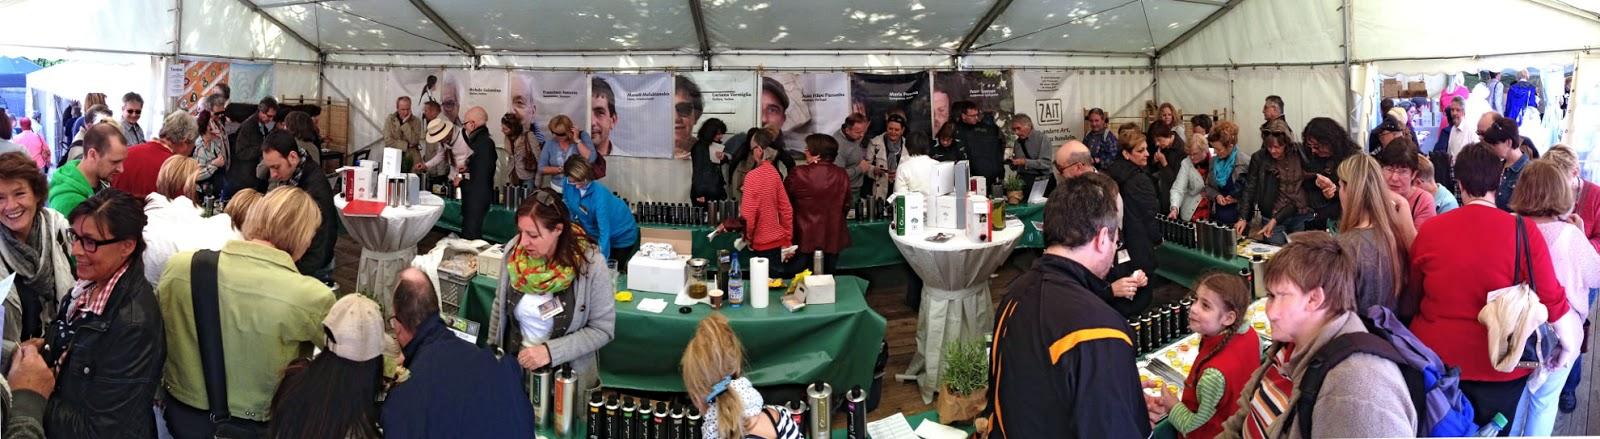 Im goßen Oliandi-Zelt an an mehrere Probierstationen das Olivenoel verkostet werden